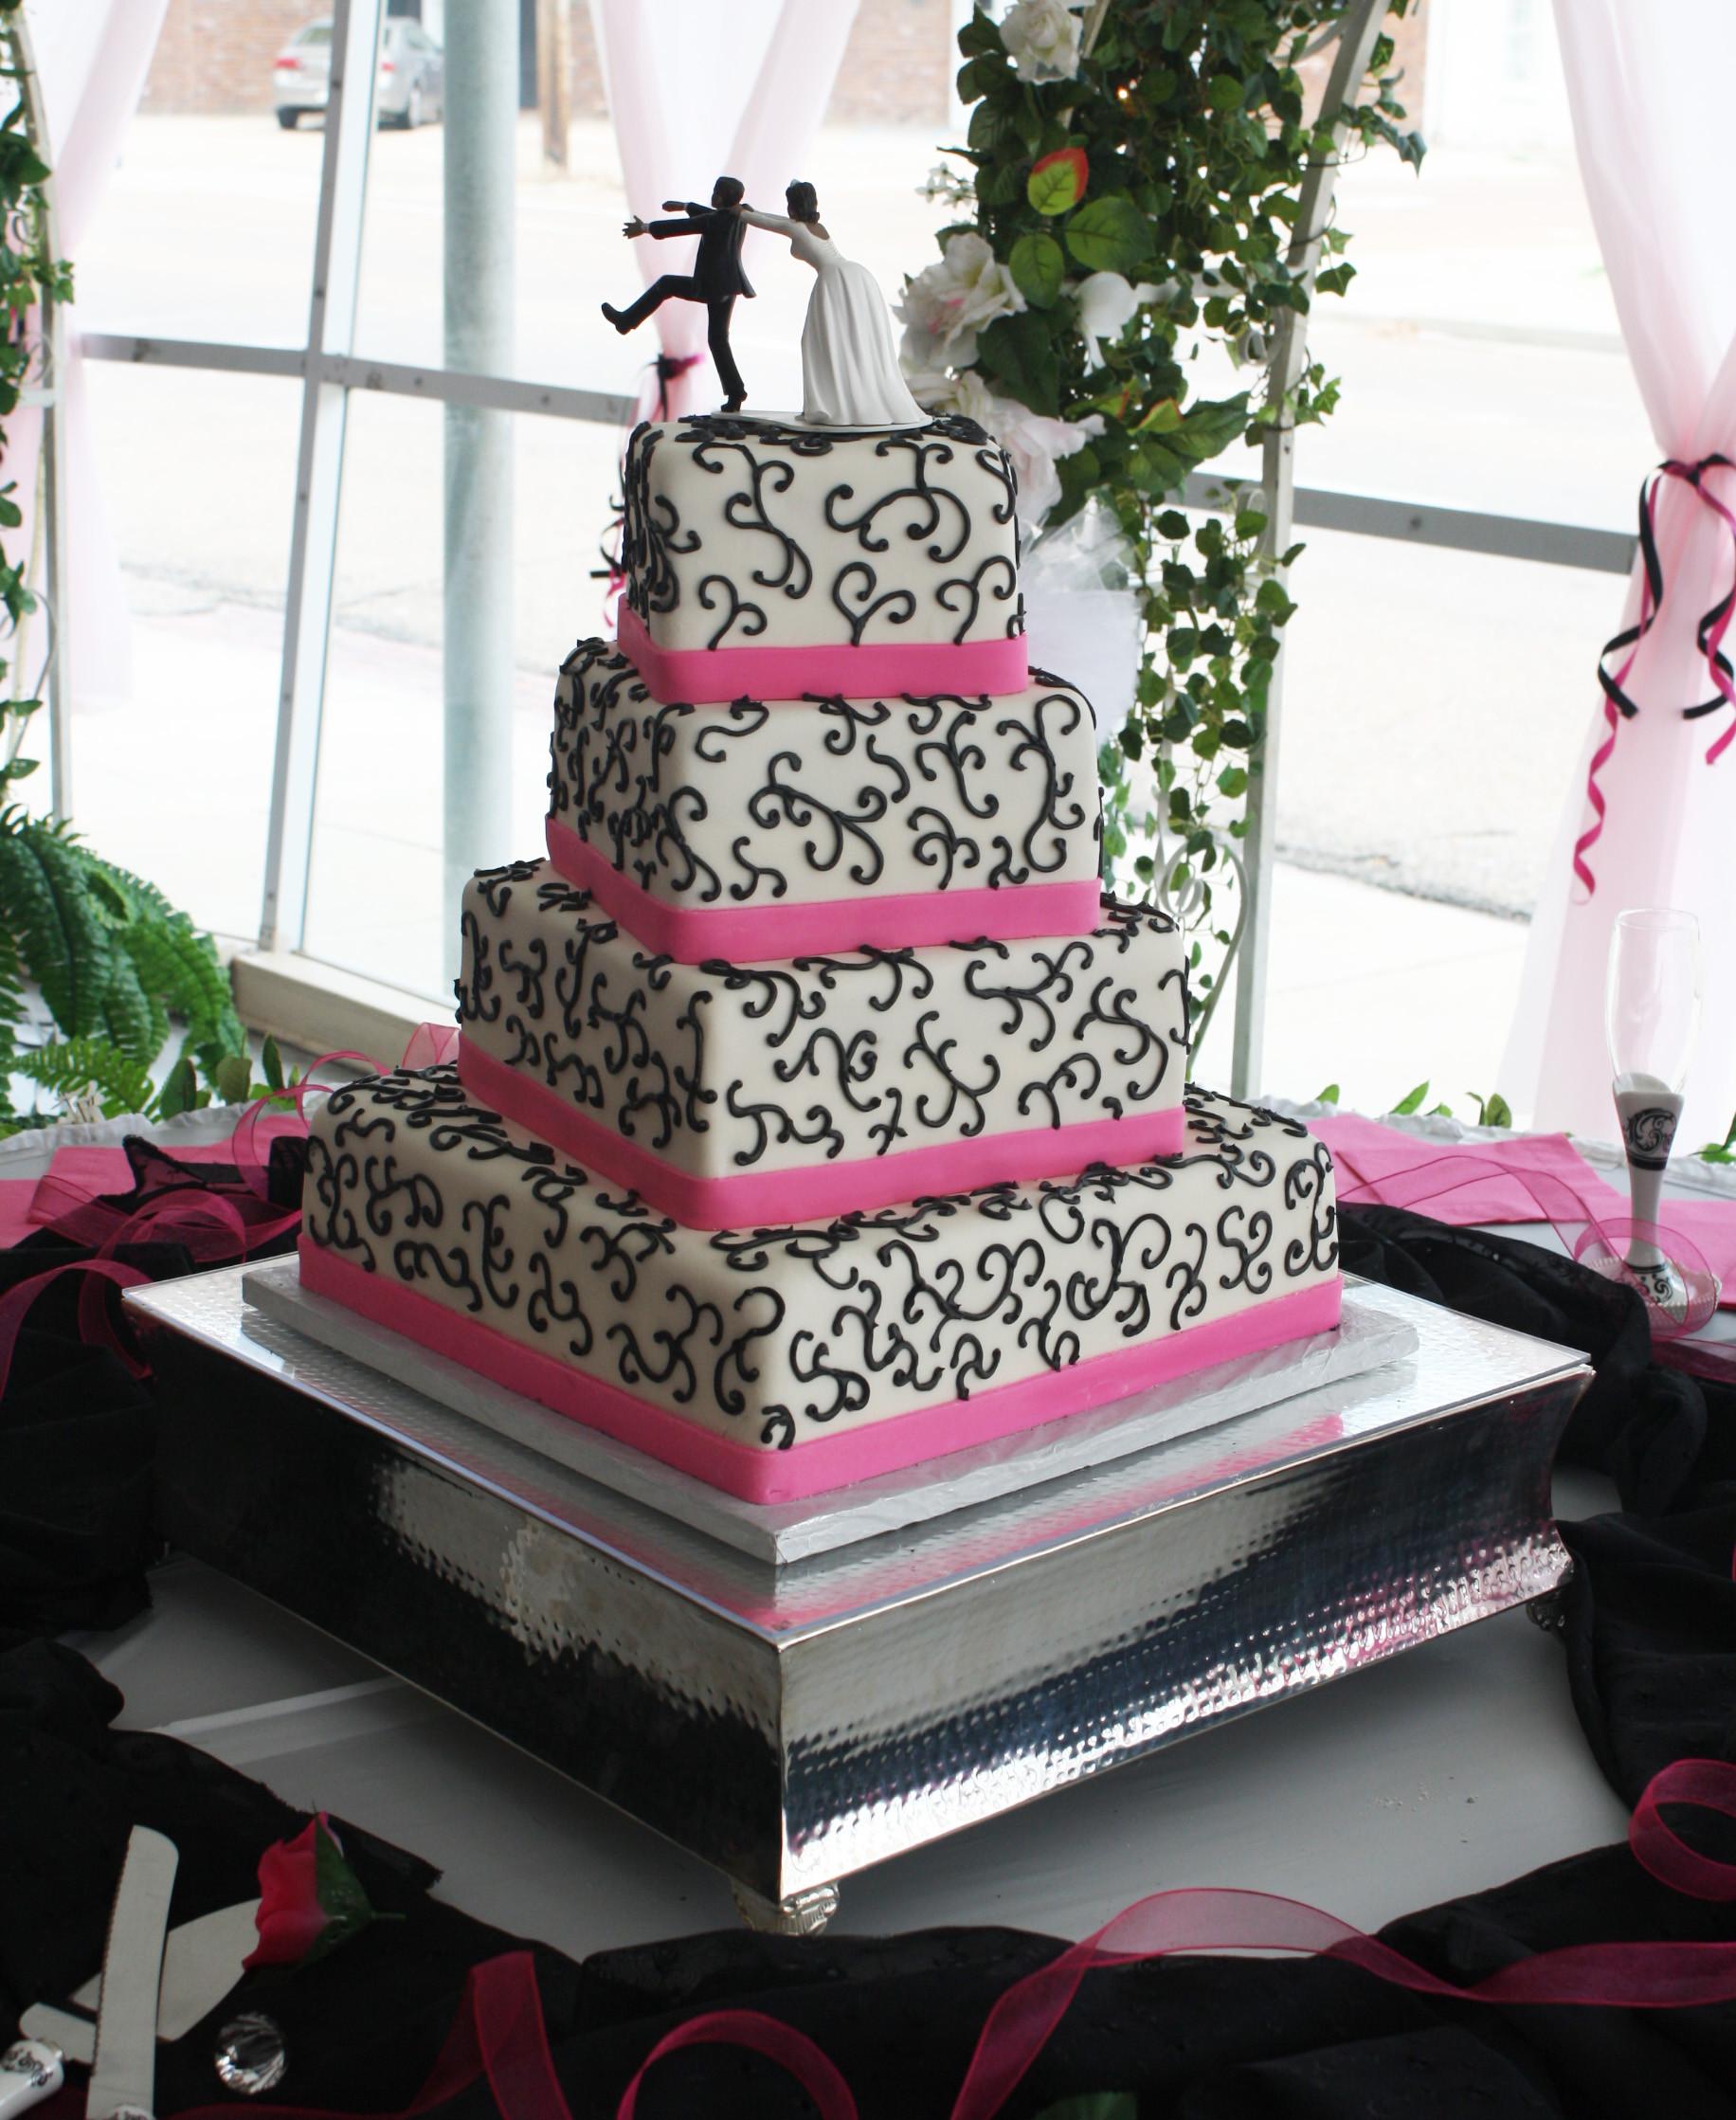 Pink And Black Wedding Cakes  Hot Pink & Black Wedding Cake